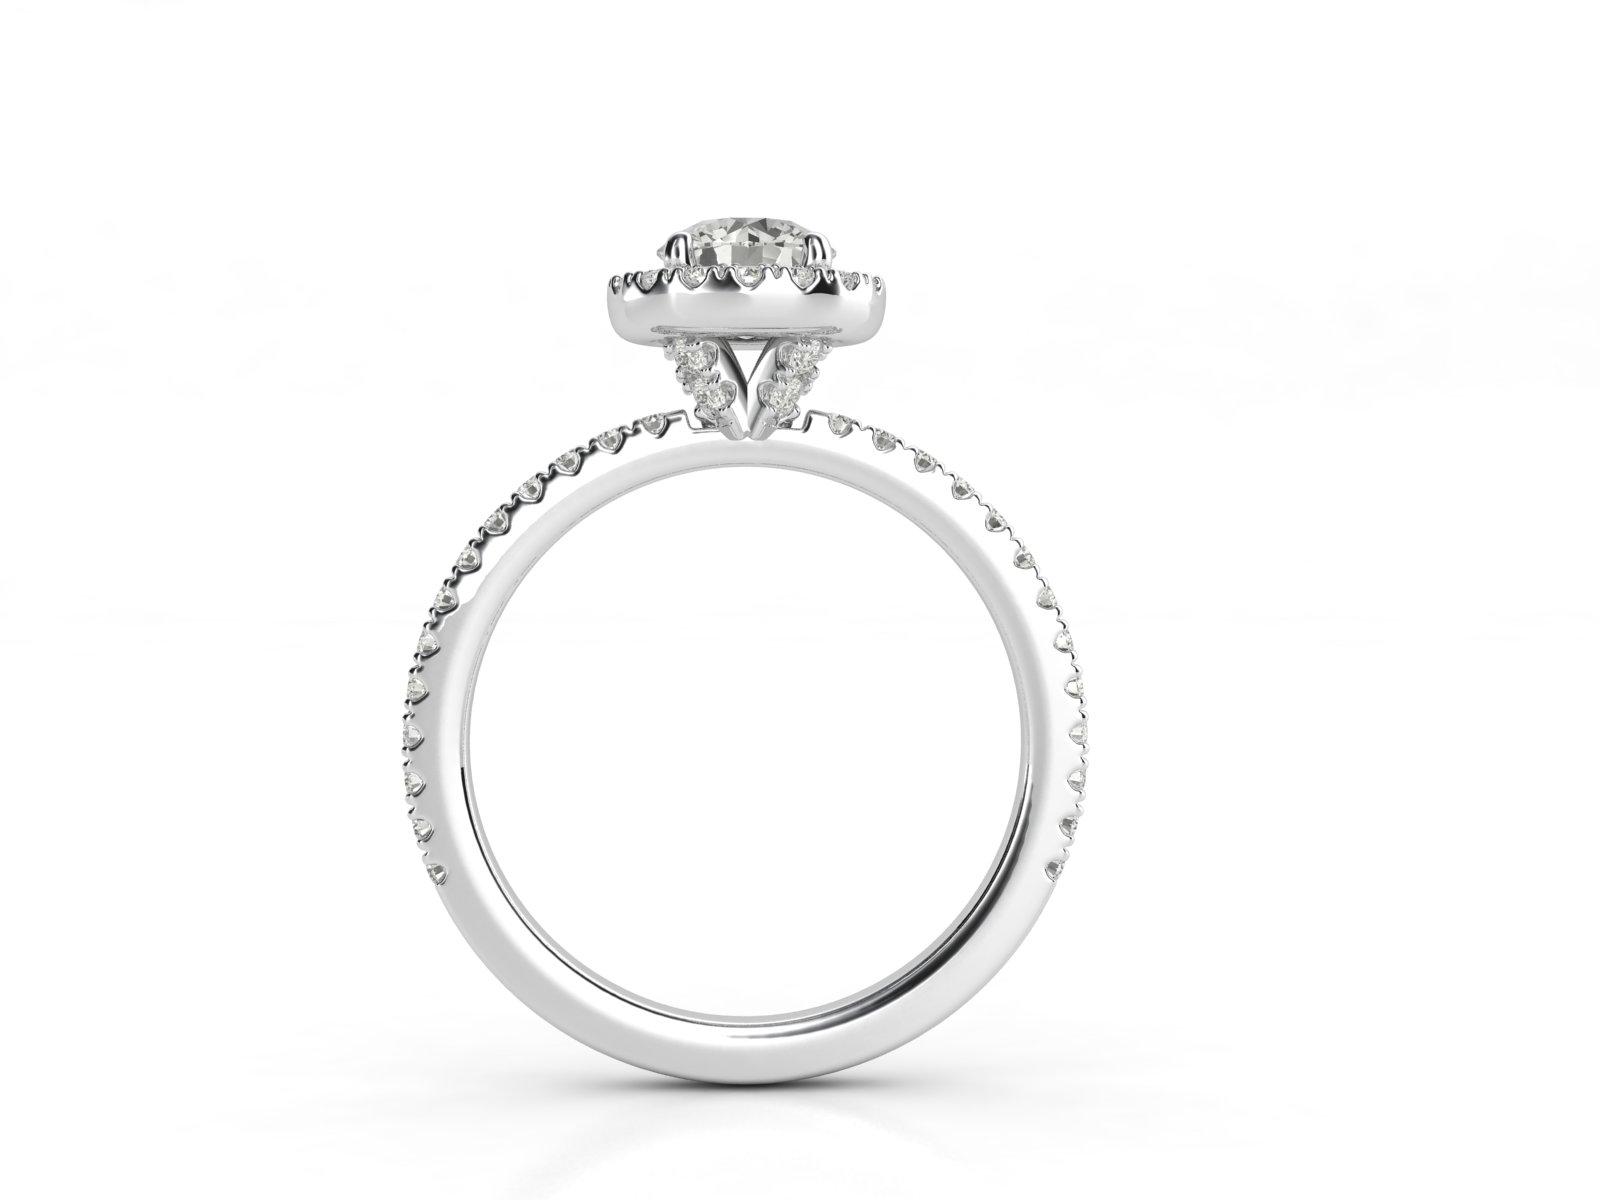 טבעת אירוסין זהב לבן האלו פאווה רוייל ליפט 4